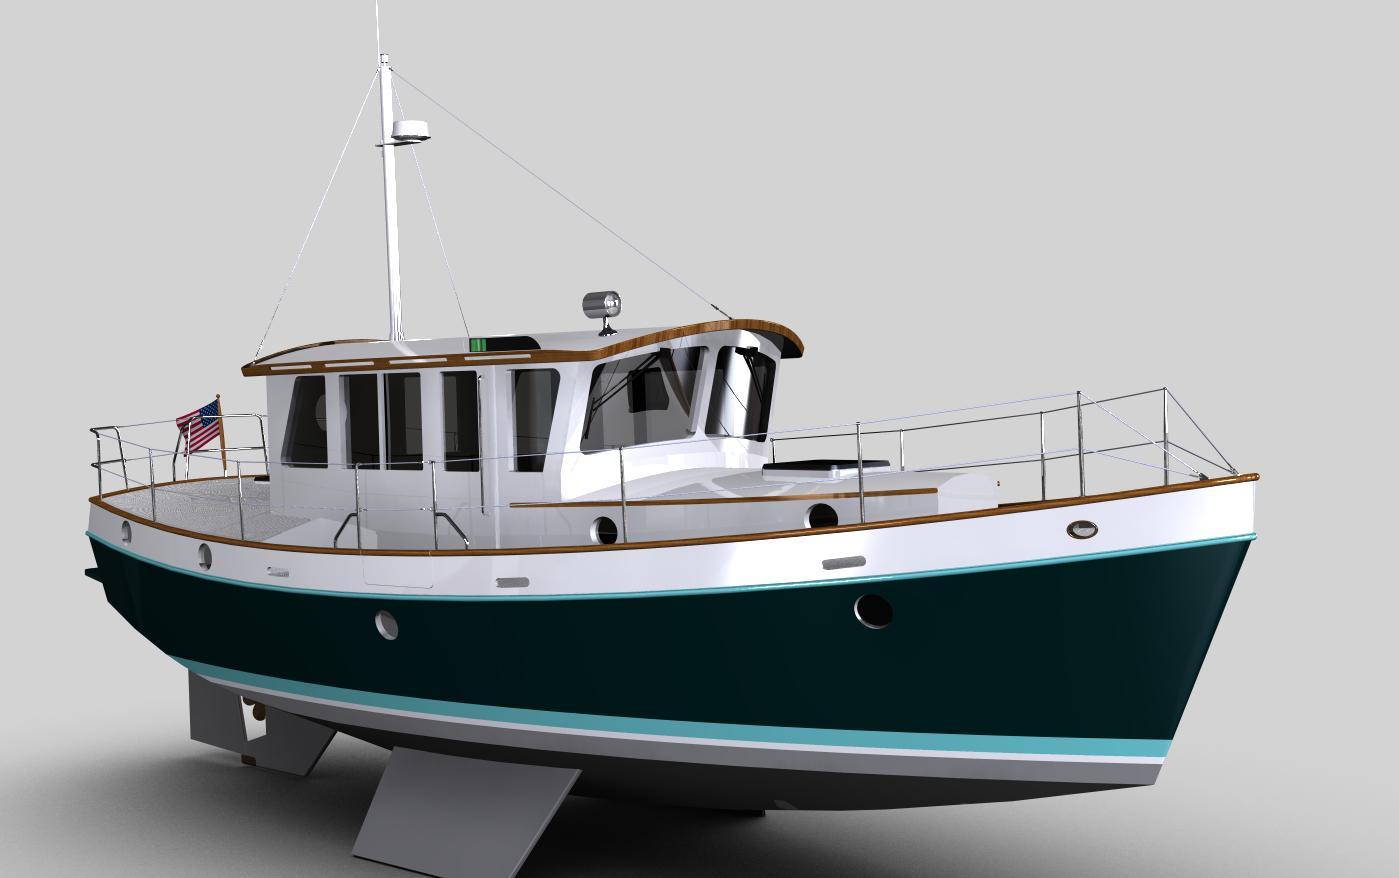 Westlawn Boat Design School